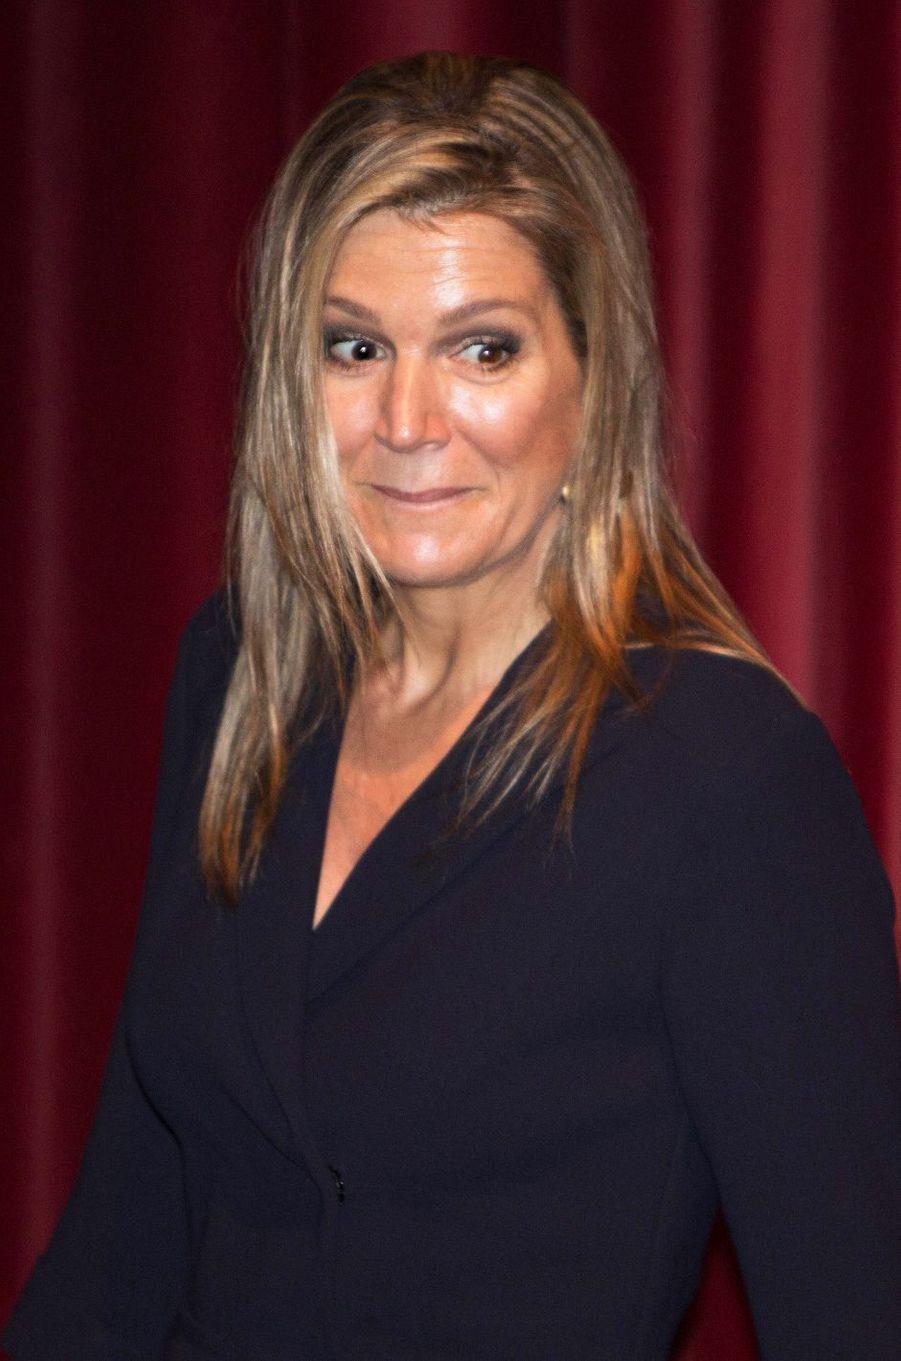 La reine Maxima des Pays-Bas à Zevenaar, le 27 juin 2018